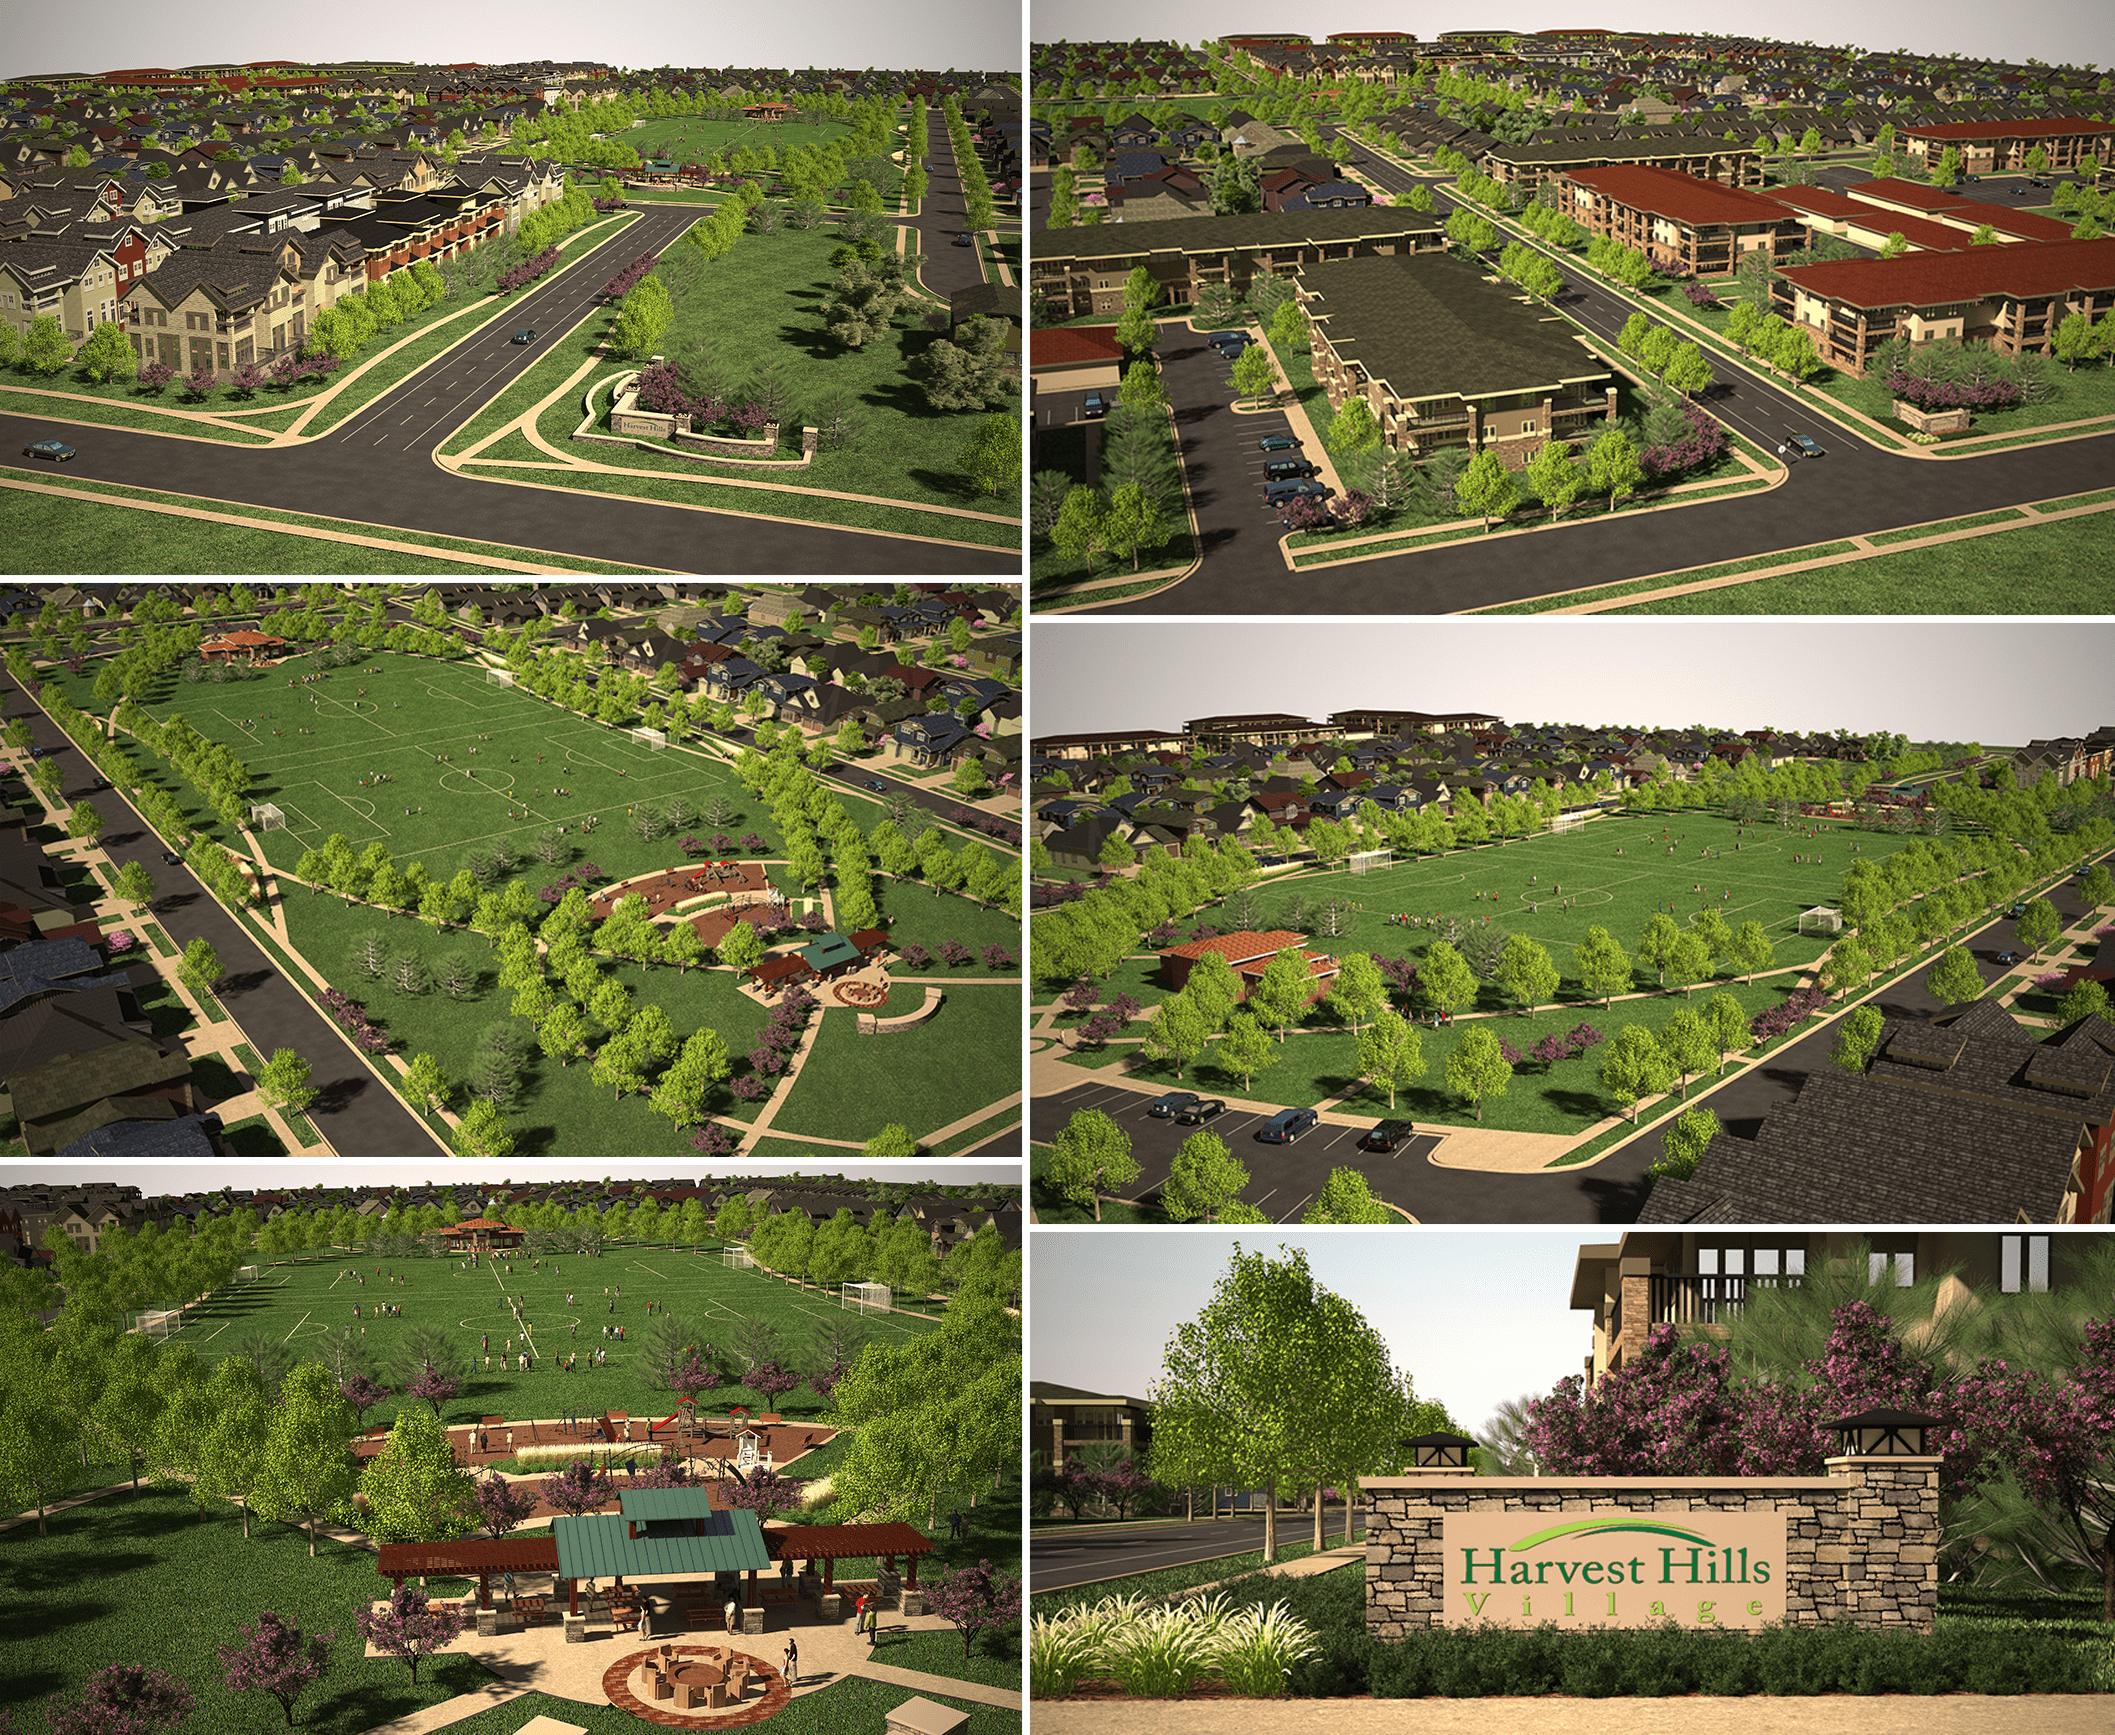 Master Planning Architecture Design In Thorton Coloroado